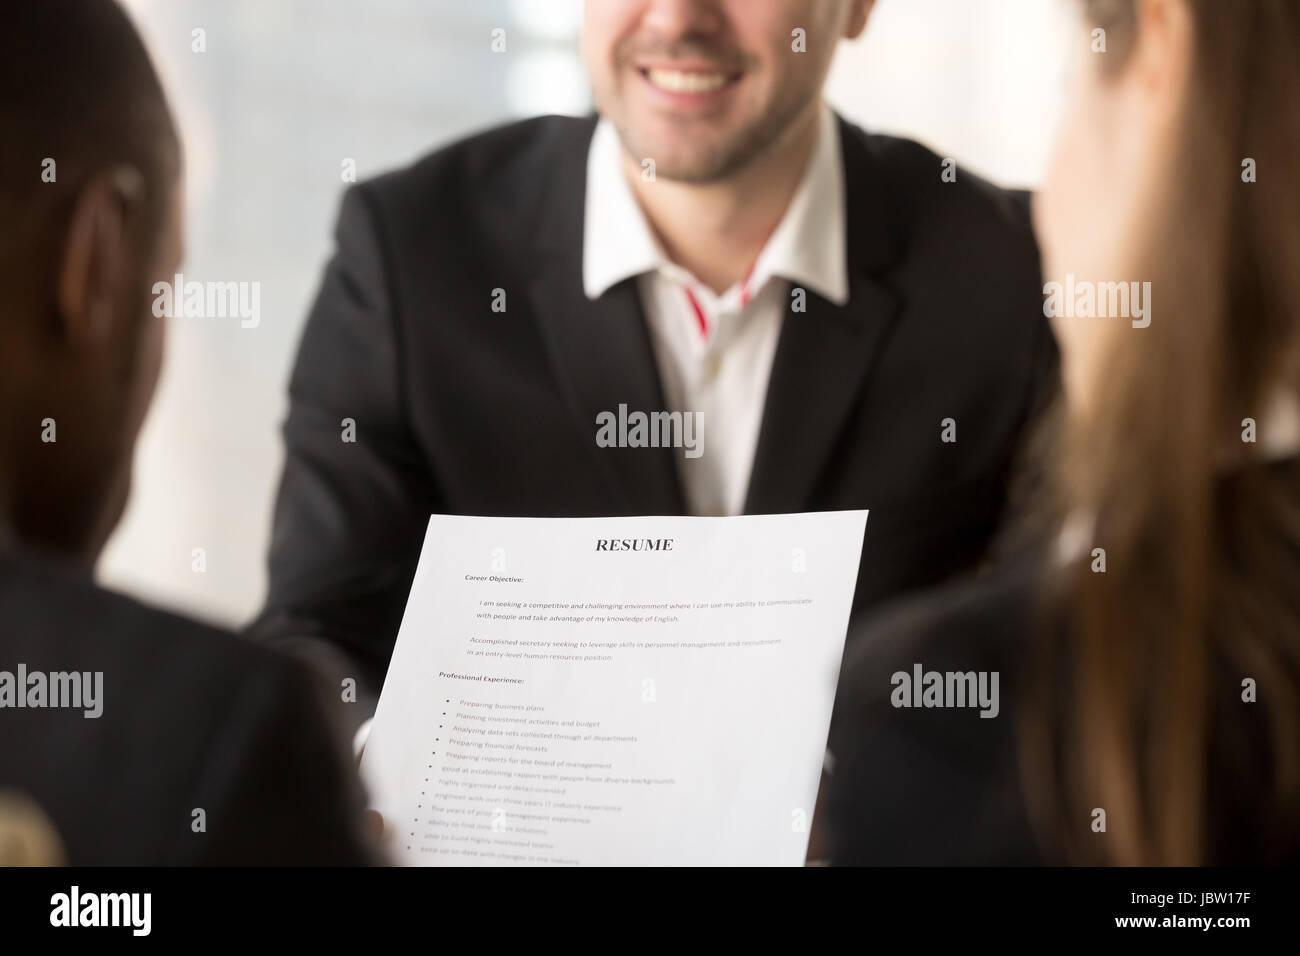 Schön Upenn Career Services Lebenslauf überprüfung Fotos - Beispiel ...